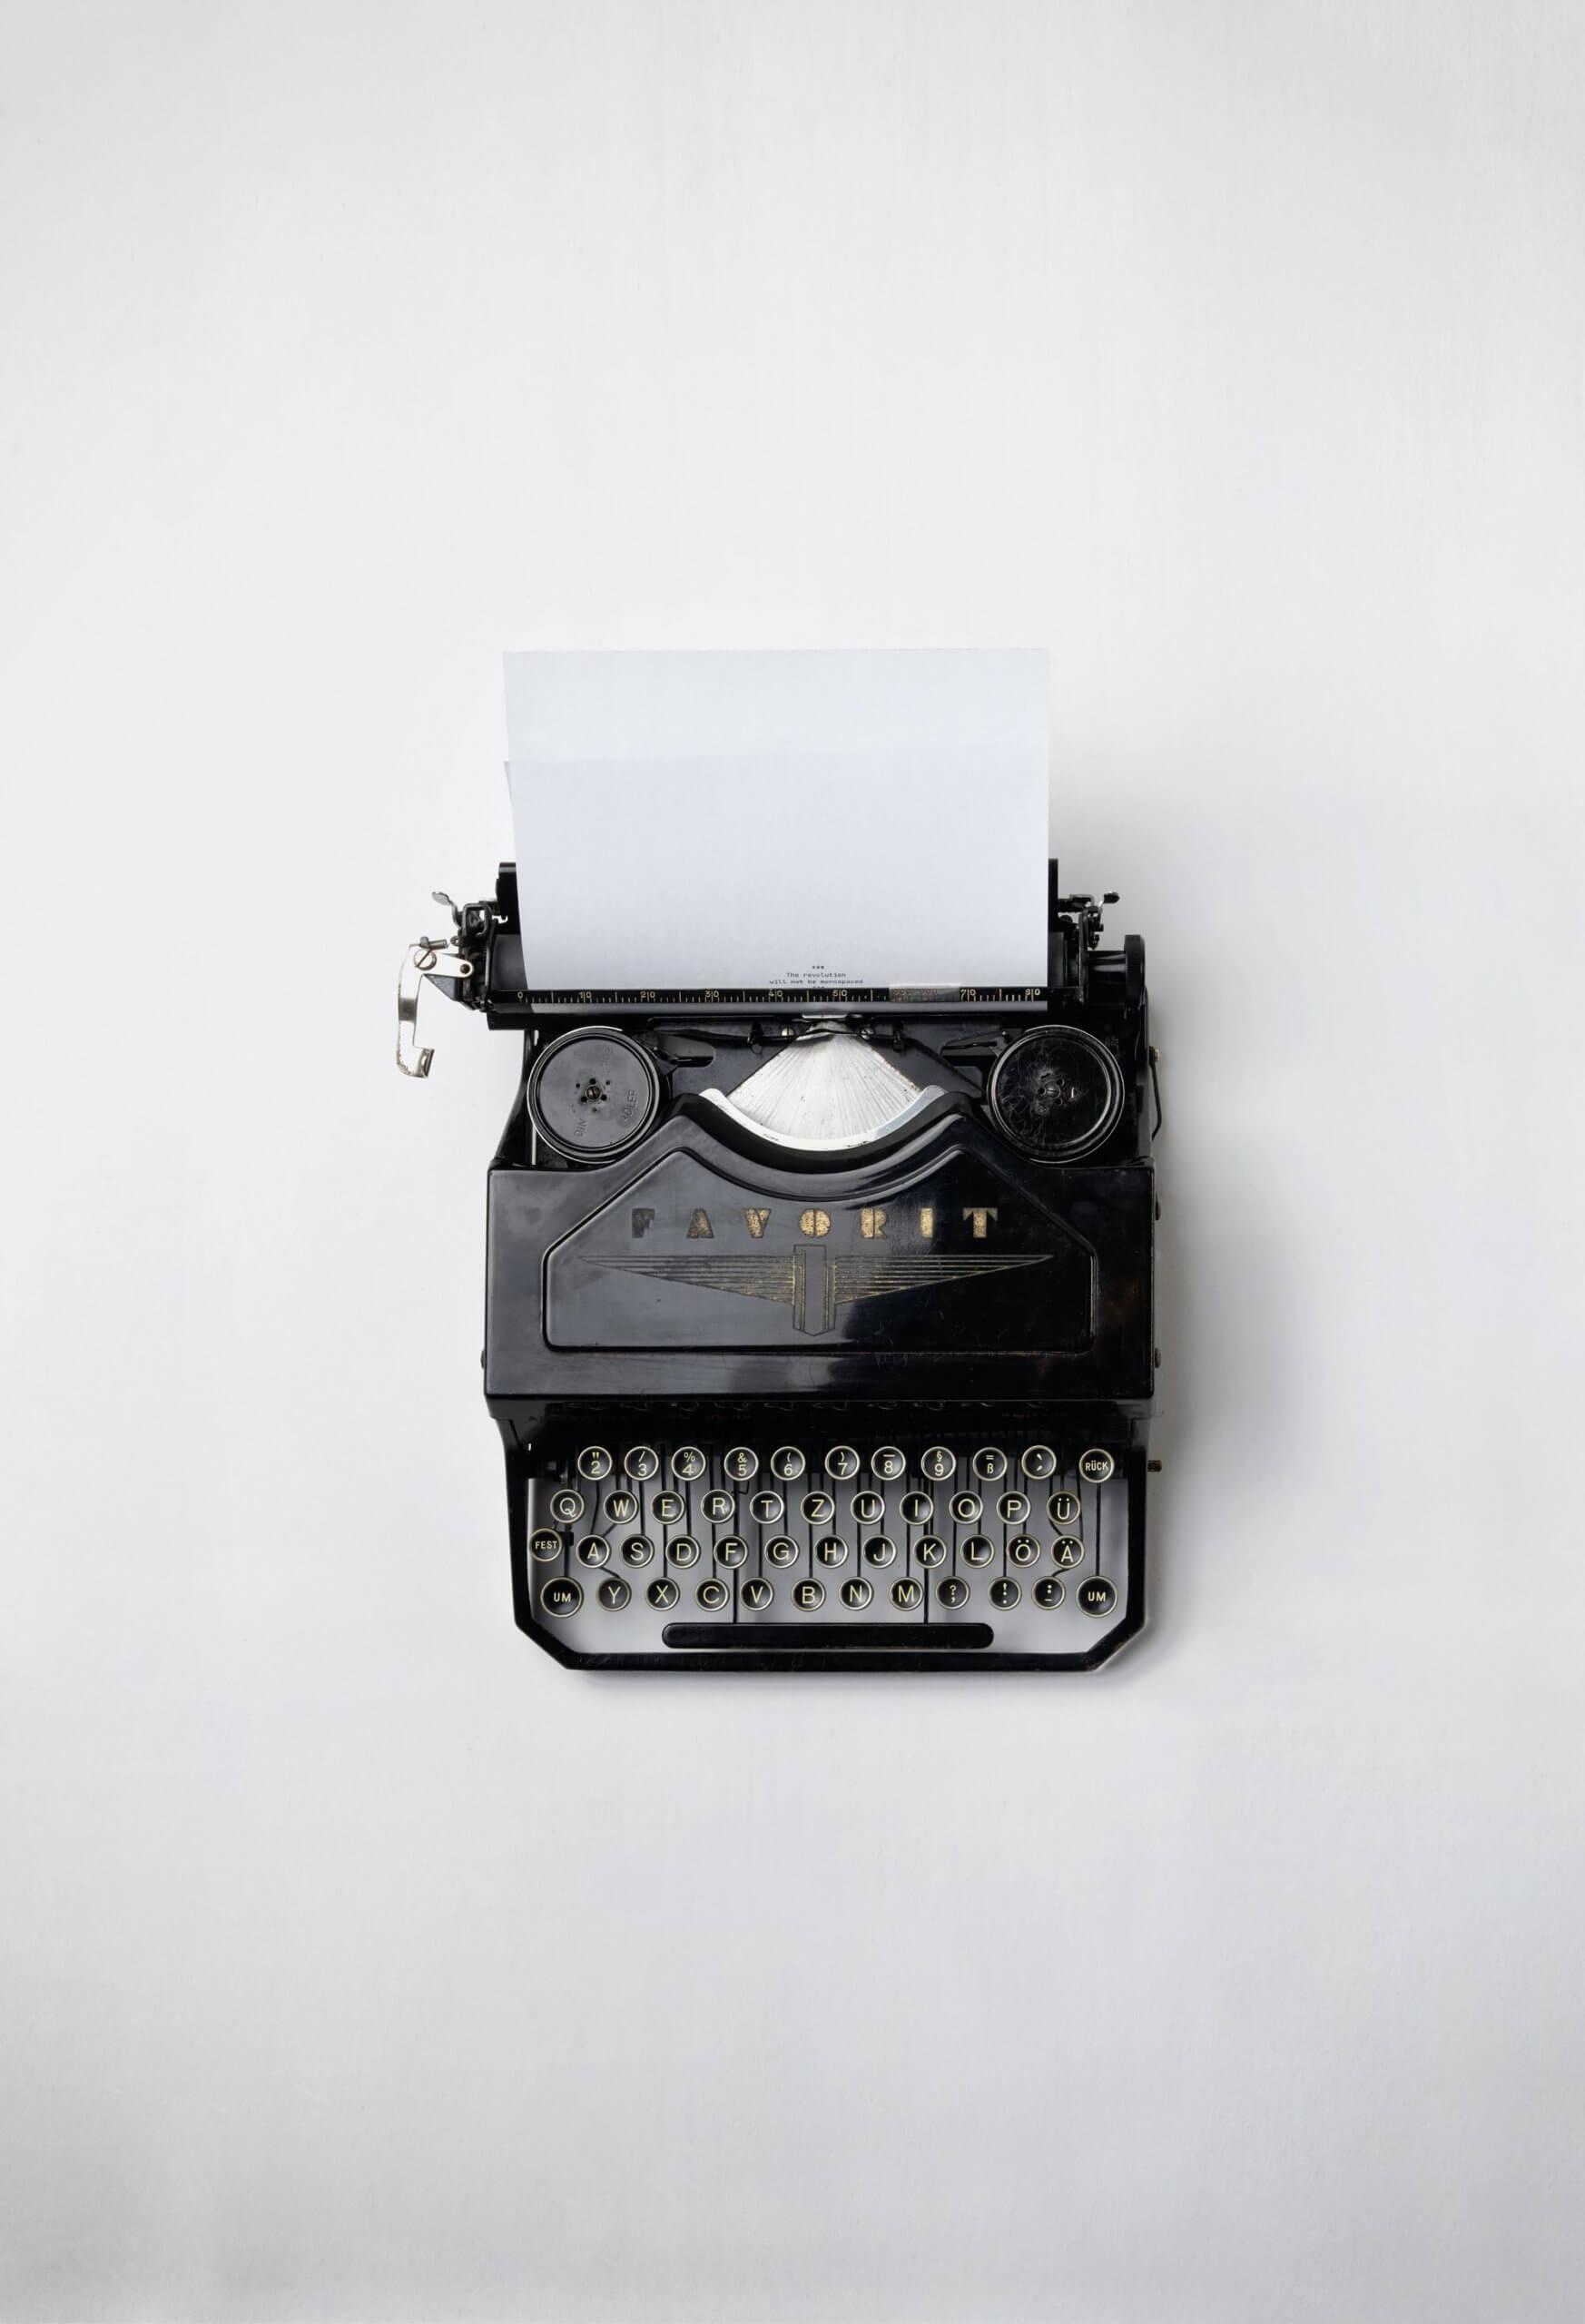 [科技体验] 学习盲打 TypingClub